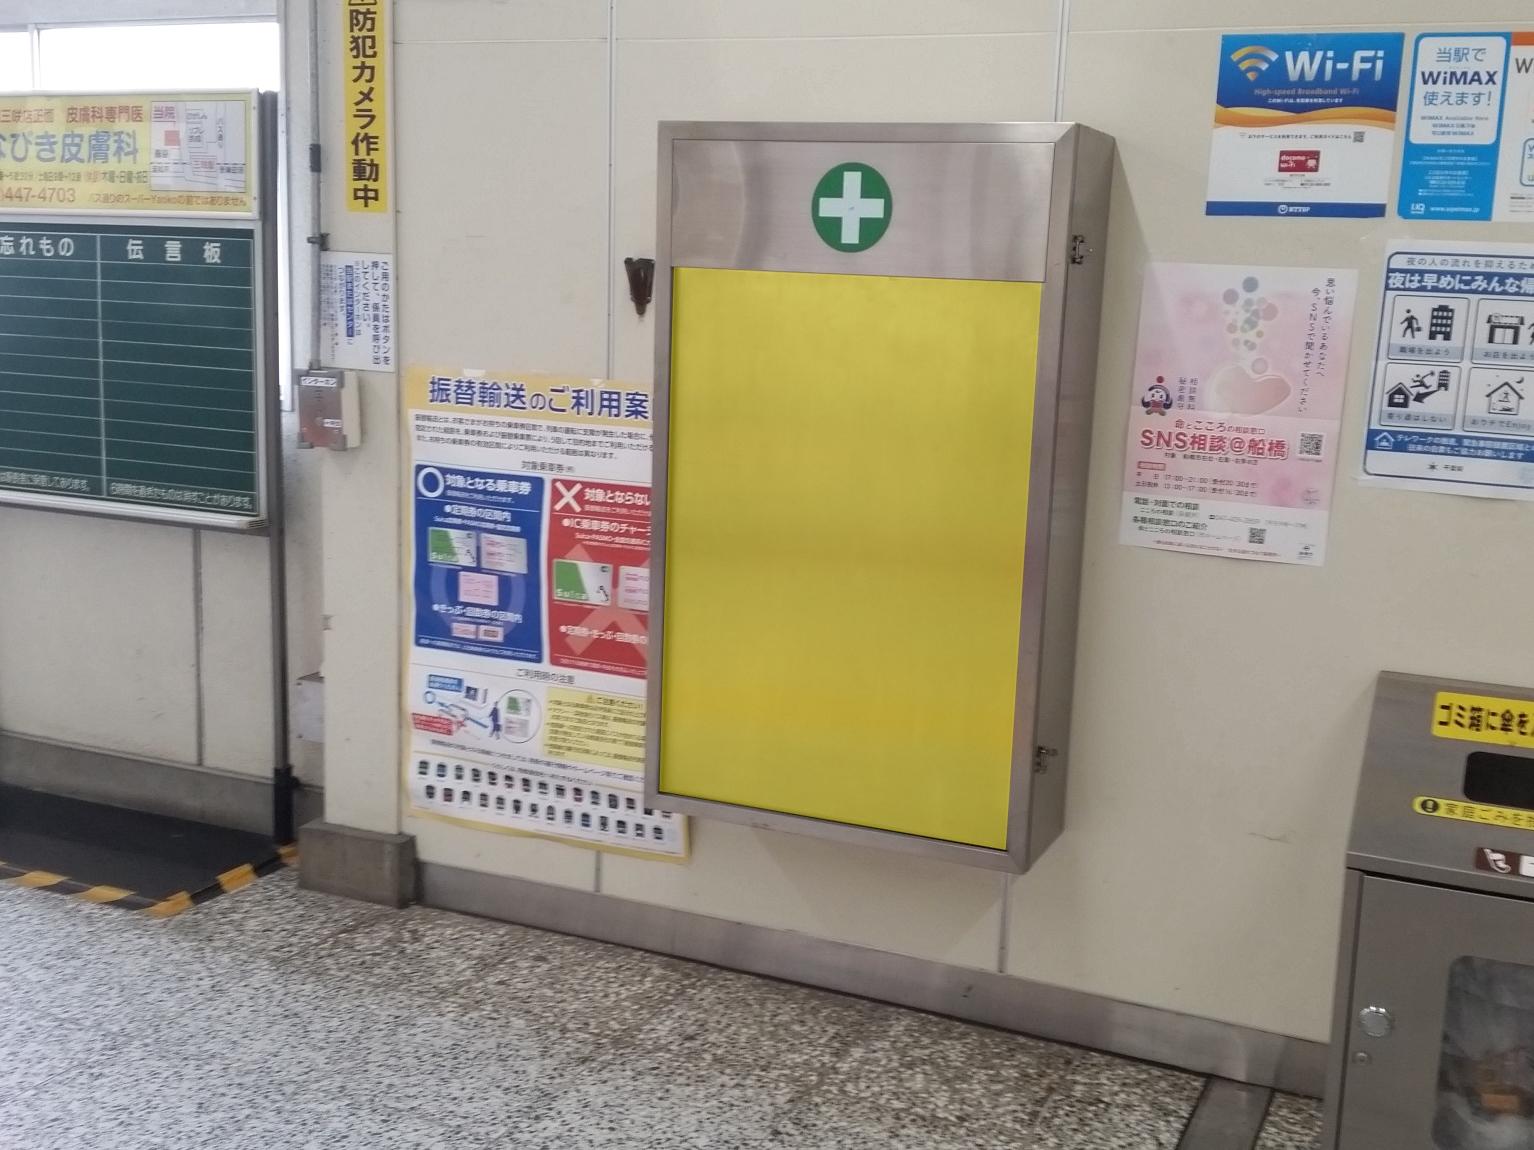 高根木戸駅媒体画像